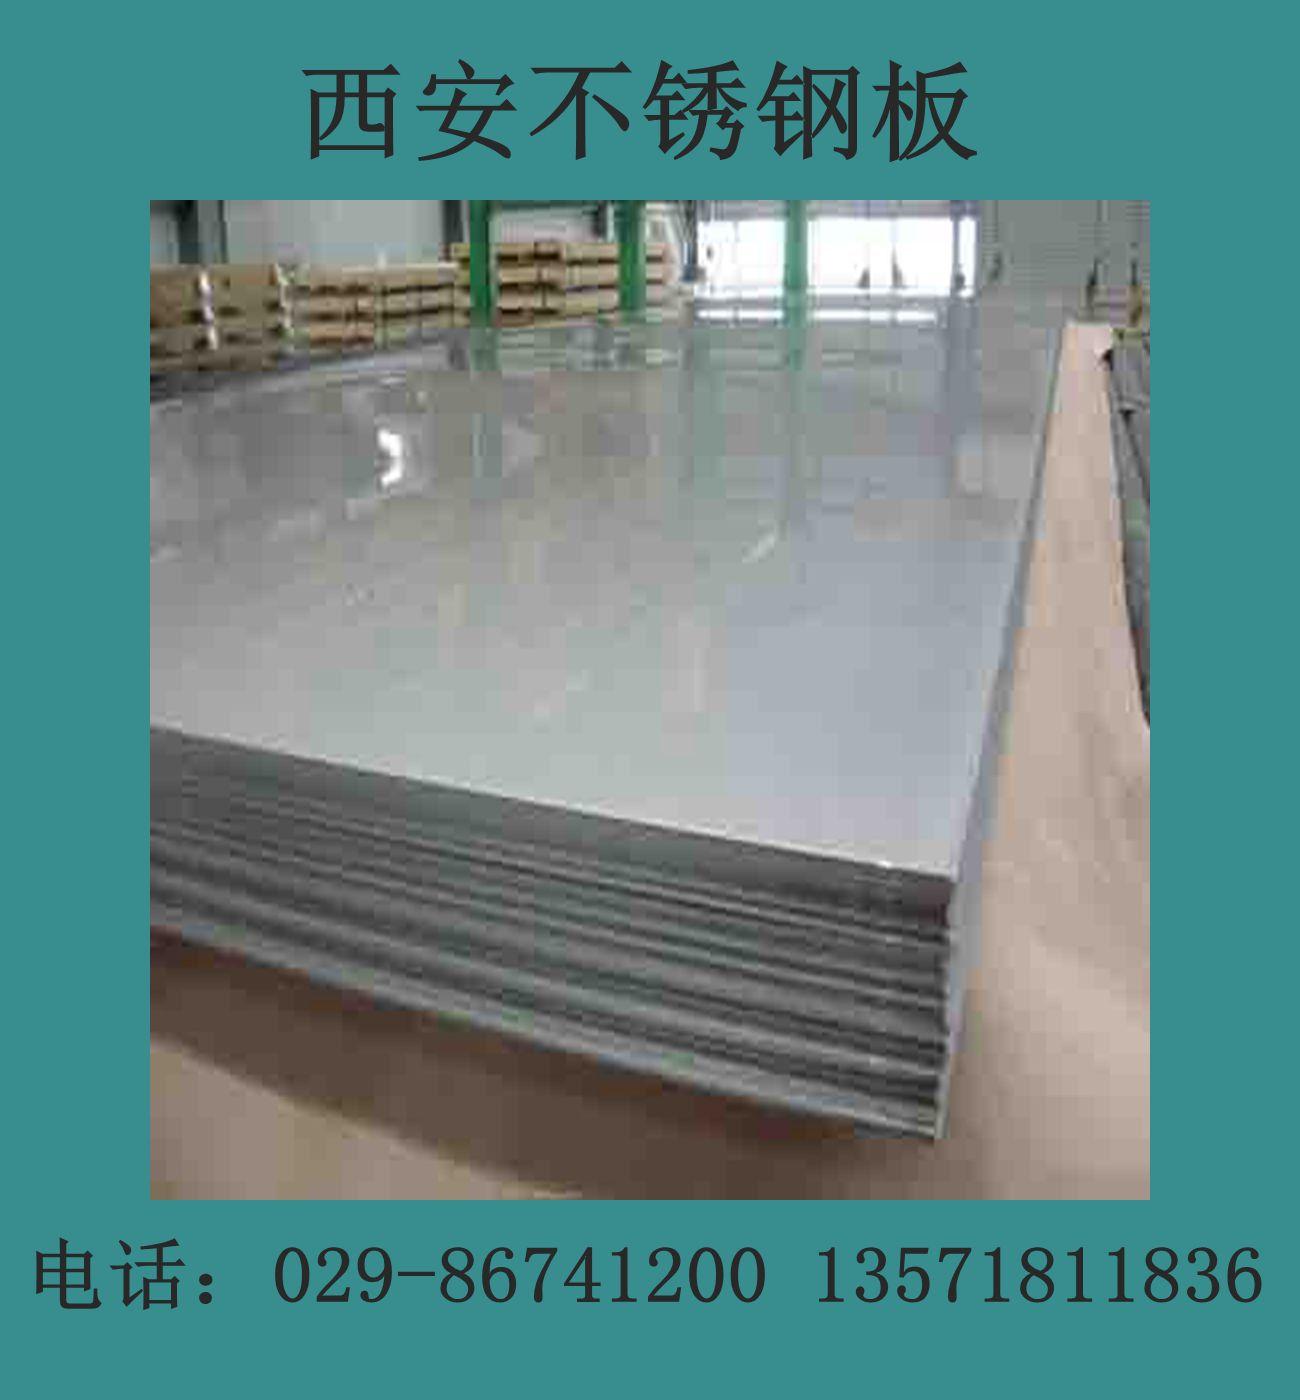 阿拉爾不銹鋼板304不銹鋼板316不銹鋼板310S不銹鋼板廠家直銷